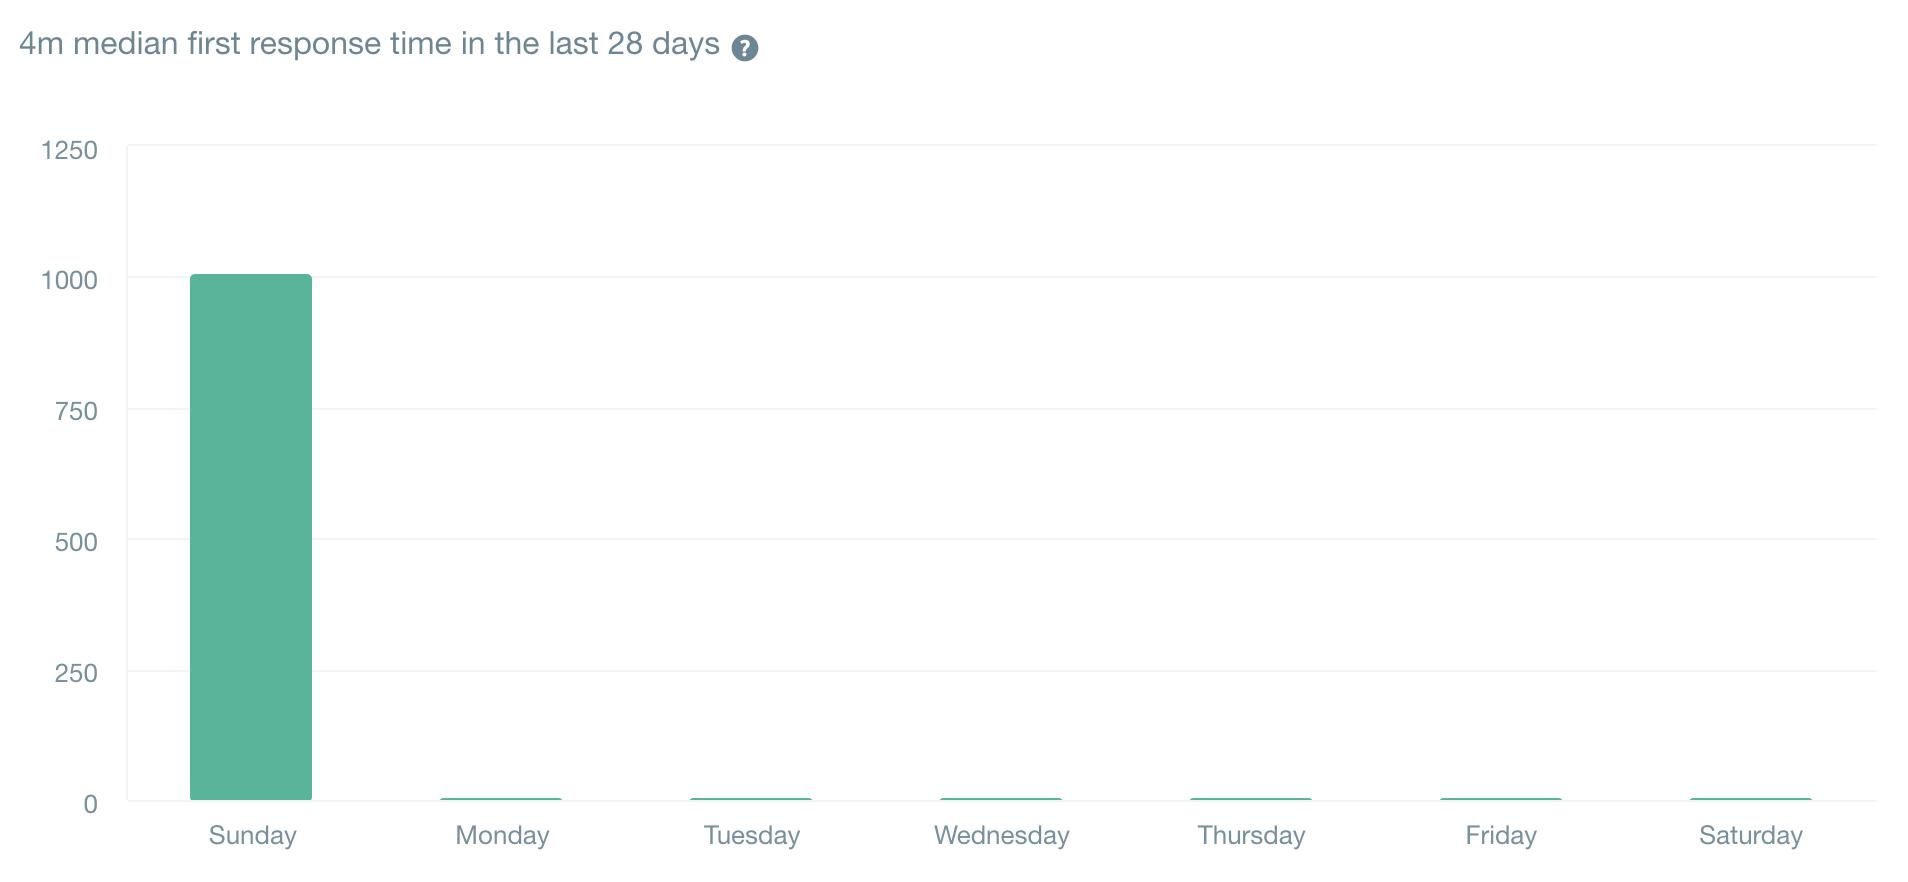 直近28日の初回回答時間の中央値は「3分」